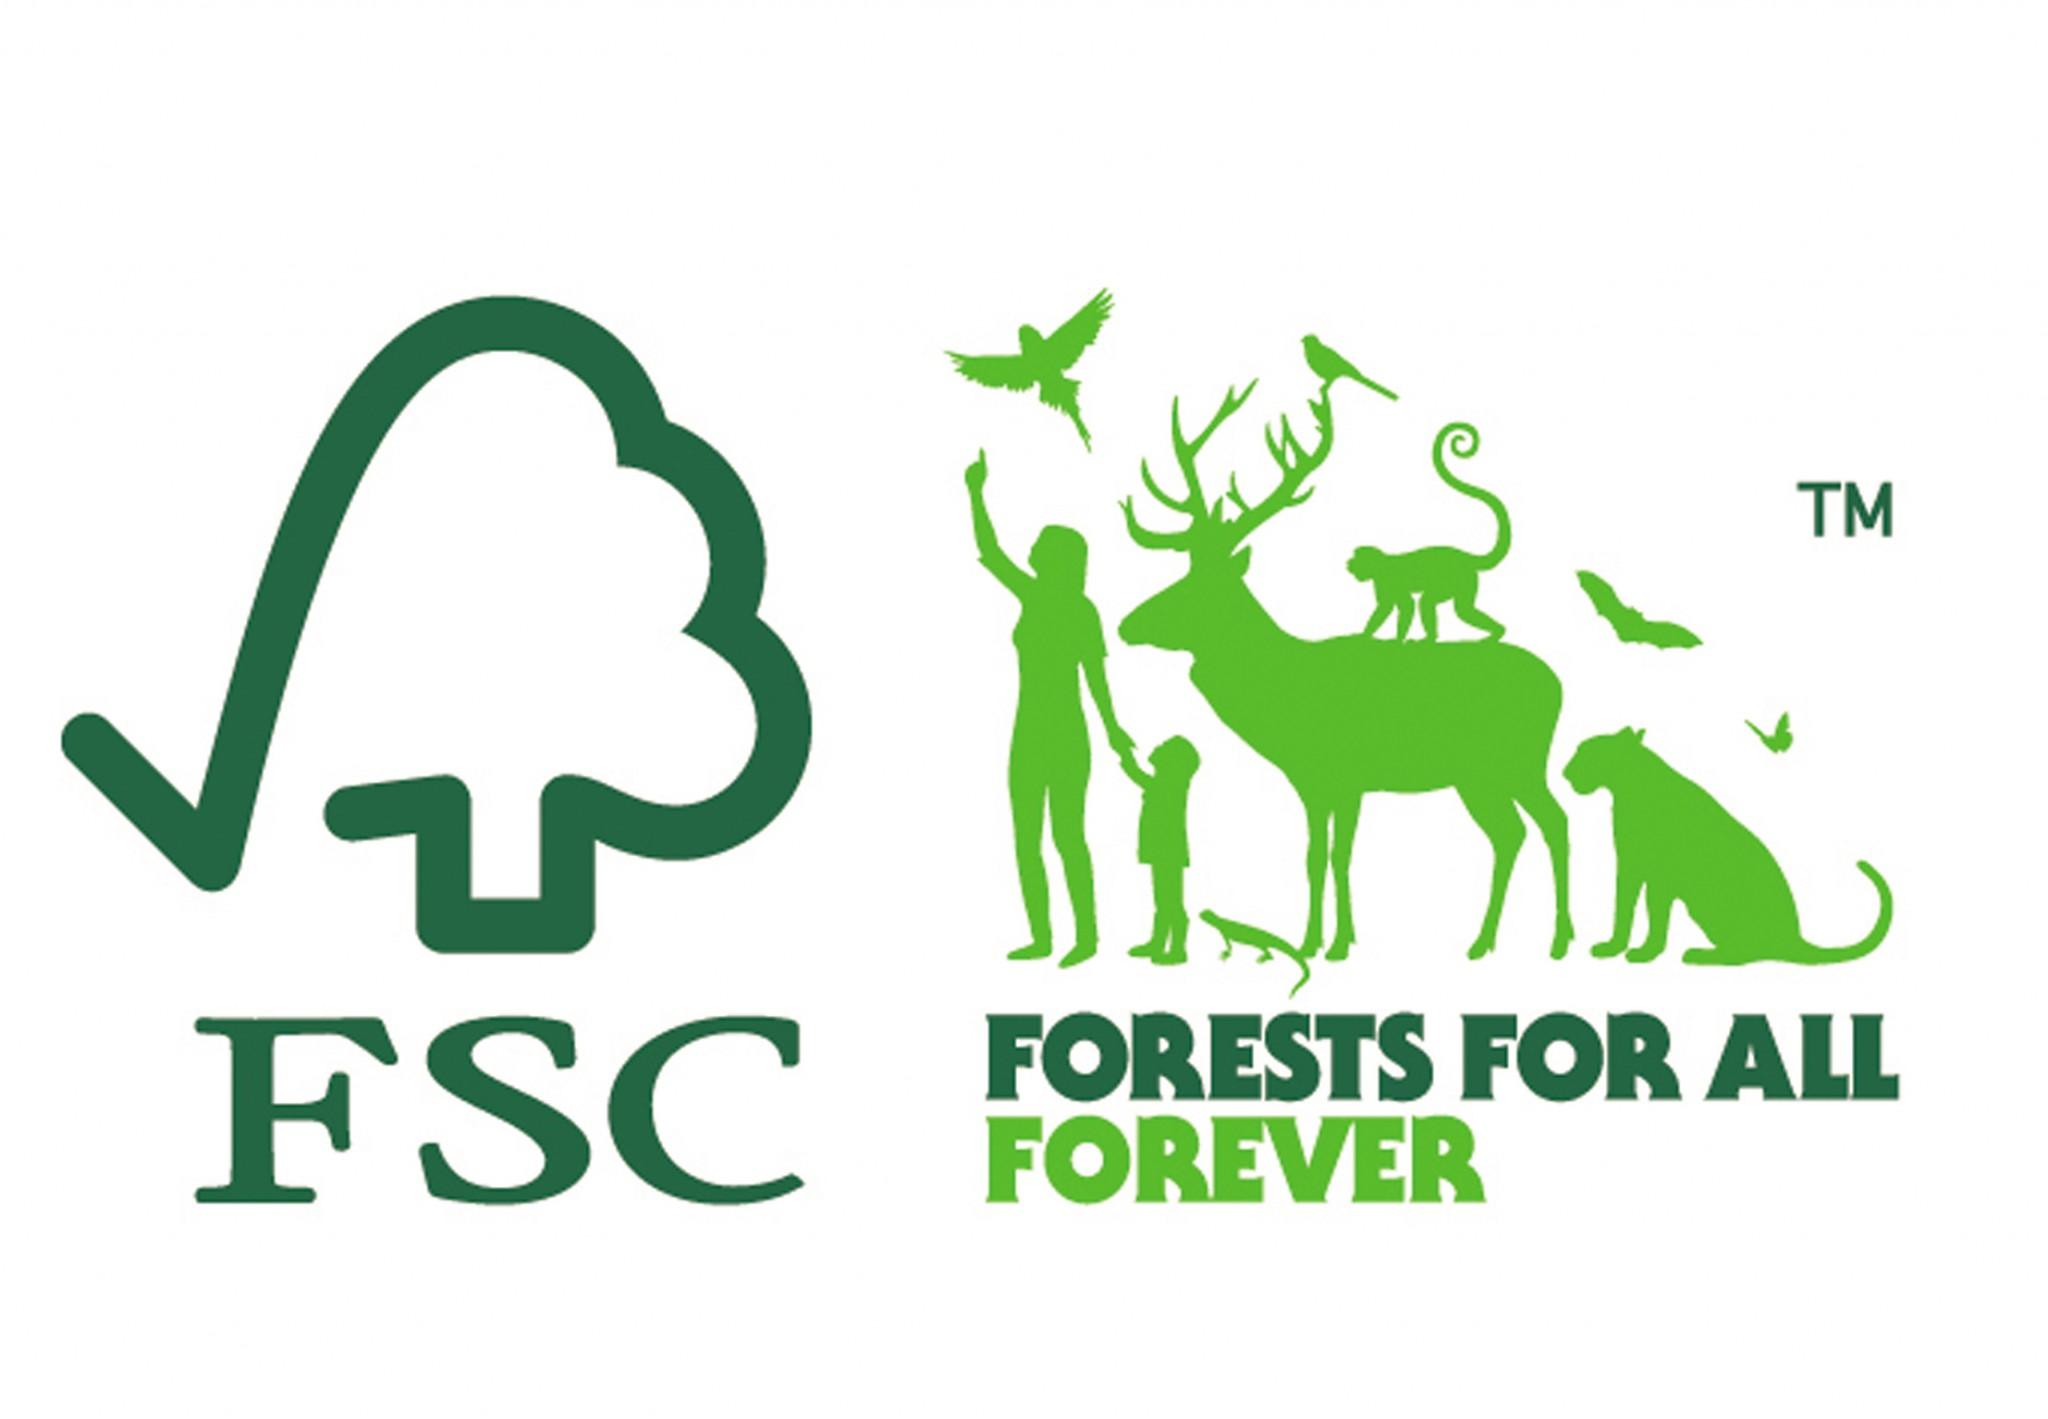 O novo logo com o slogan Florestas para todos